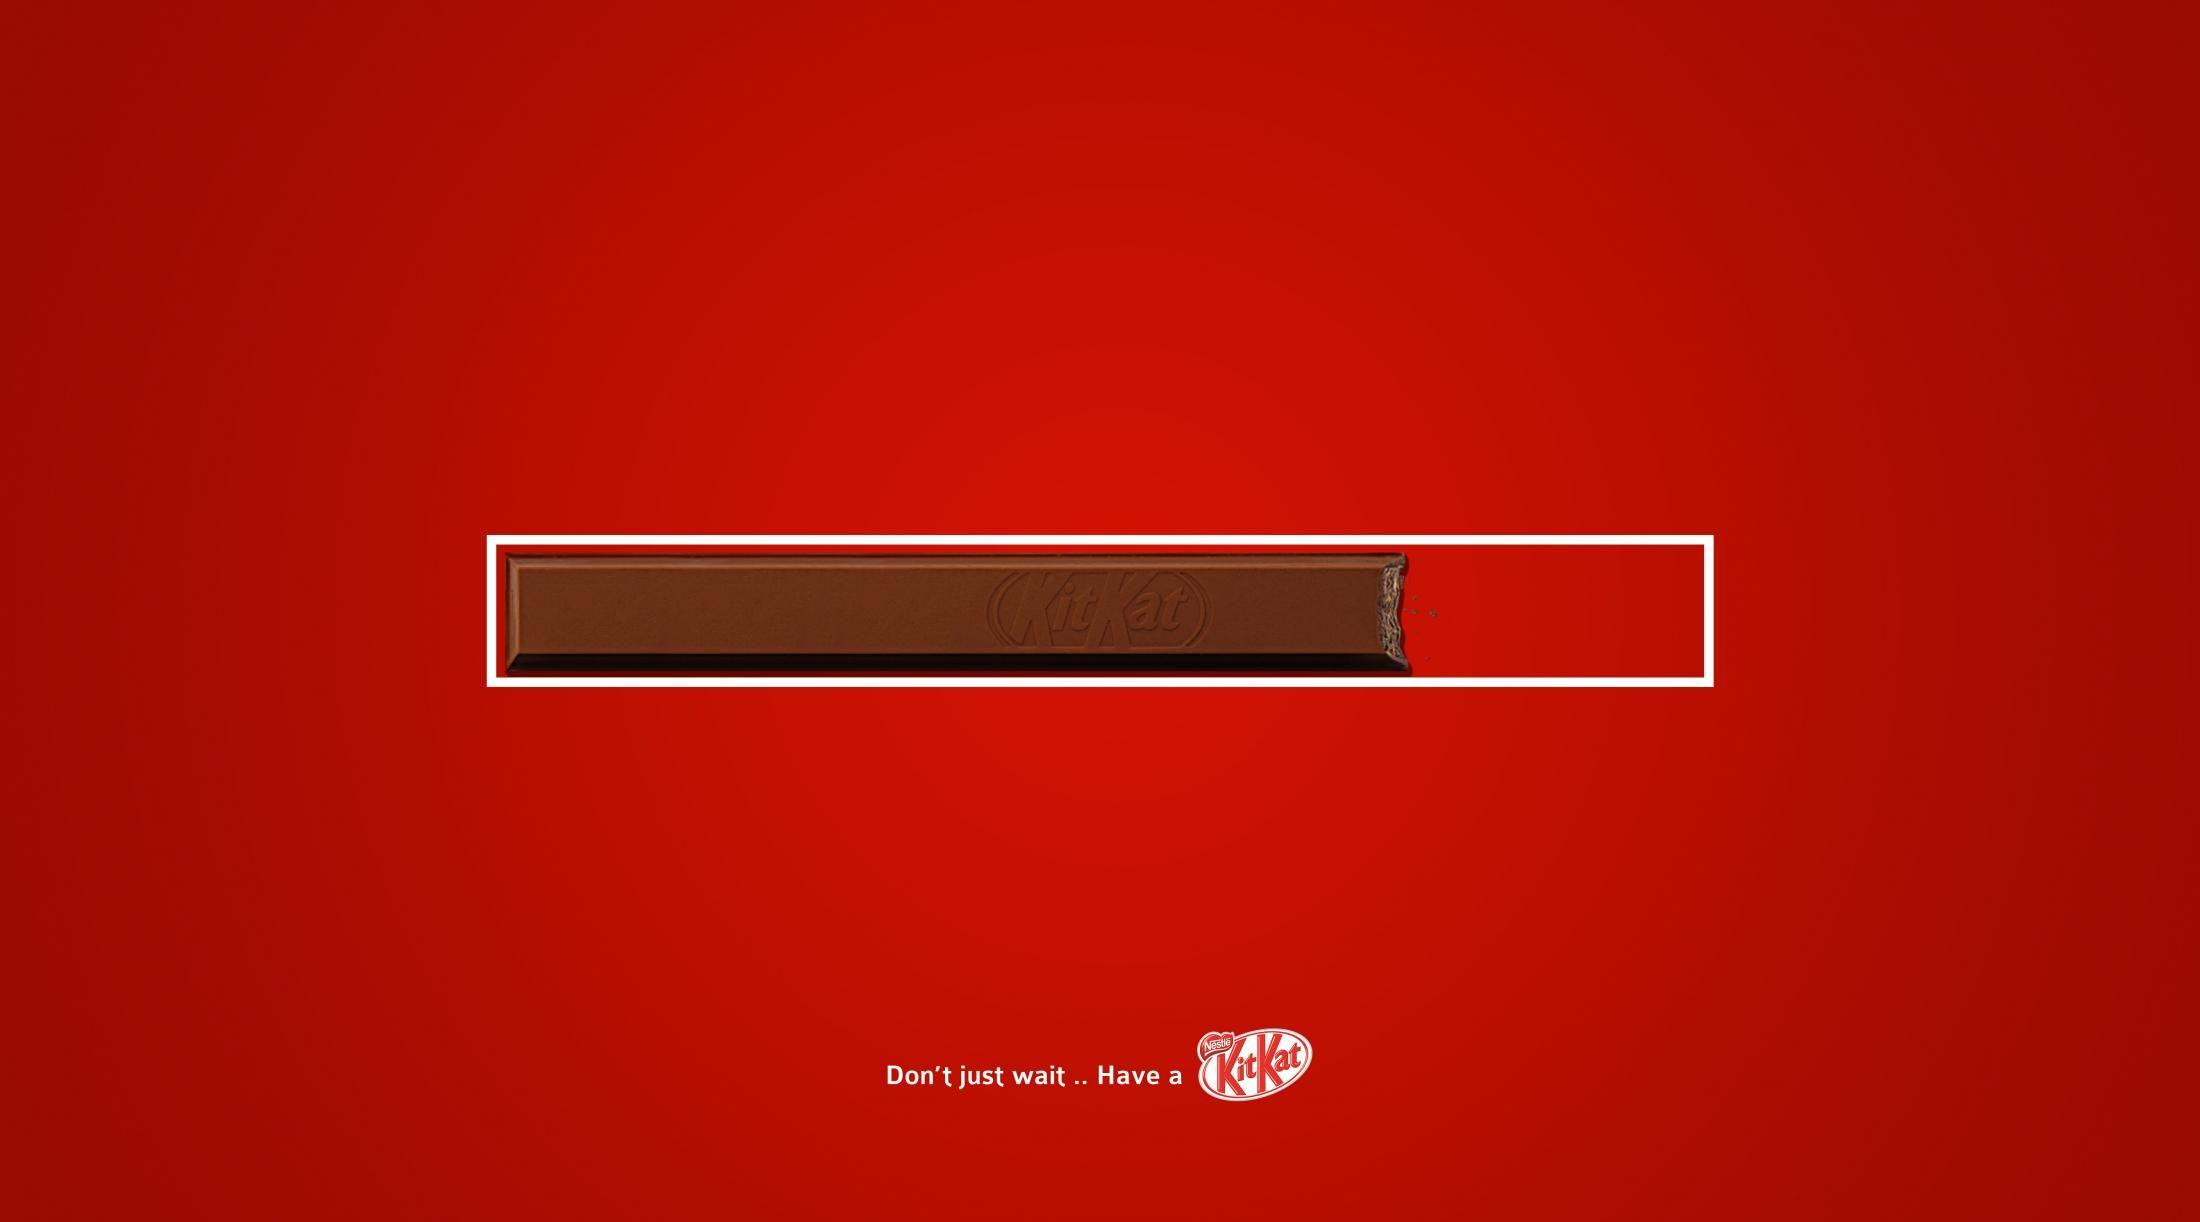 Kit Kat Print Ad - Kit Kat, 3 | Graphic design advertising ...